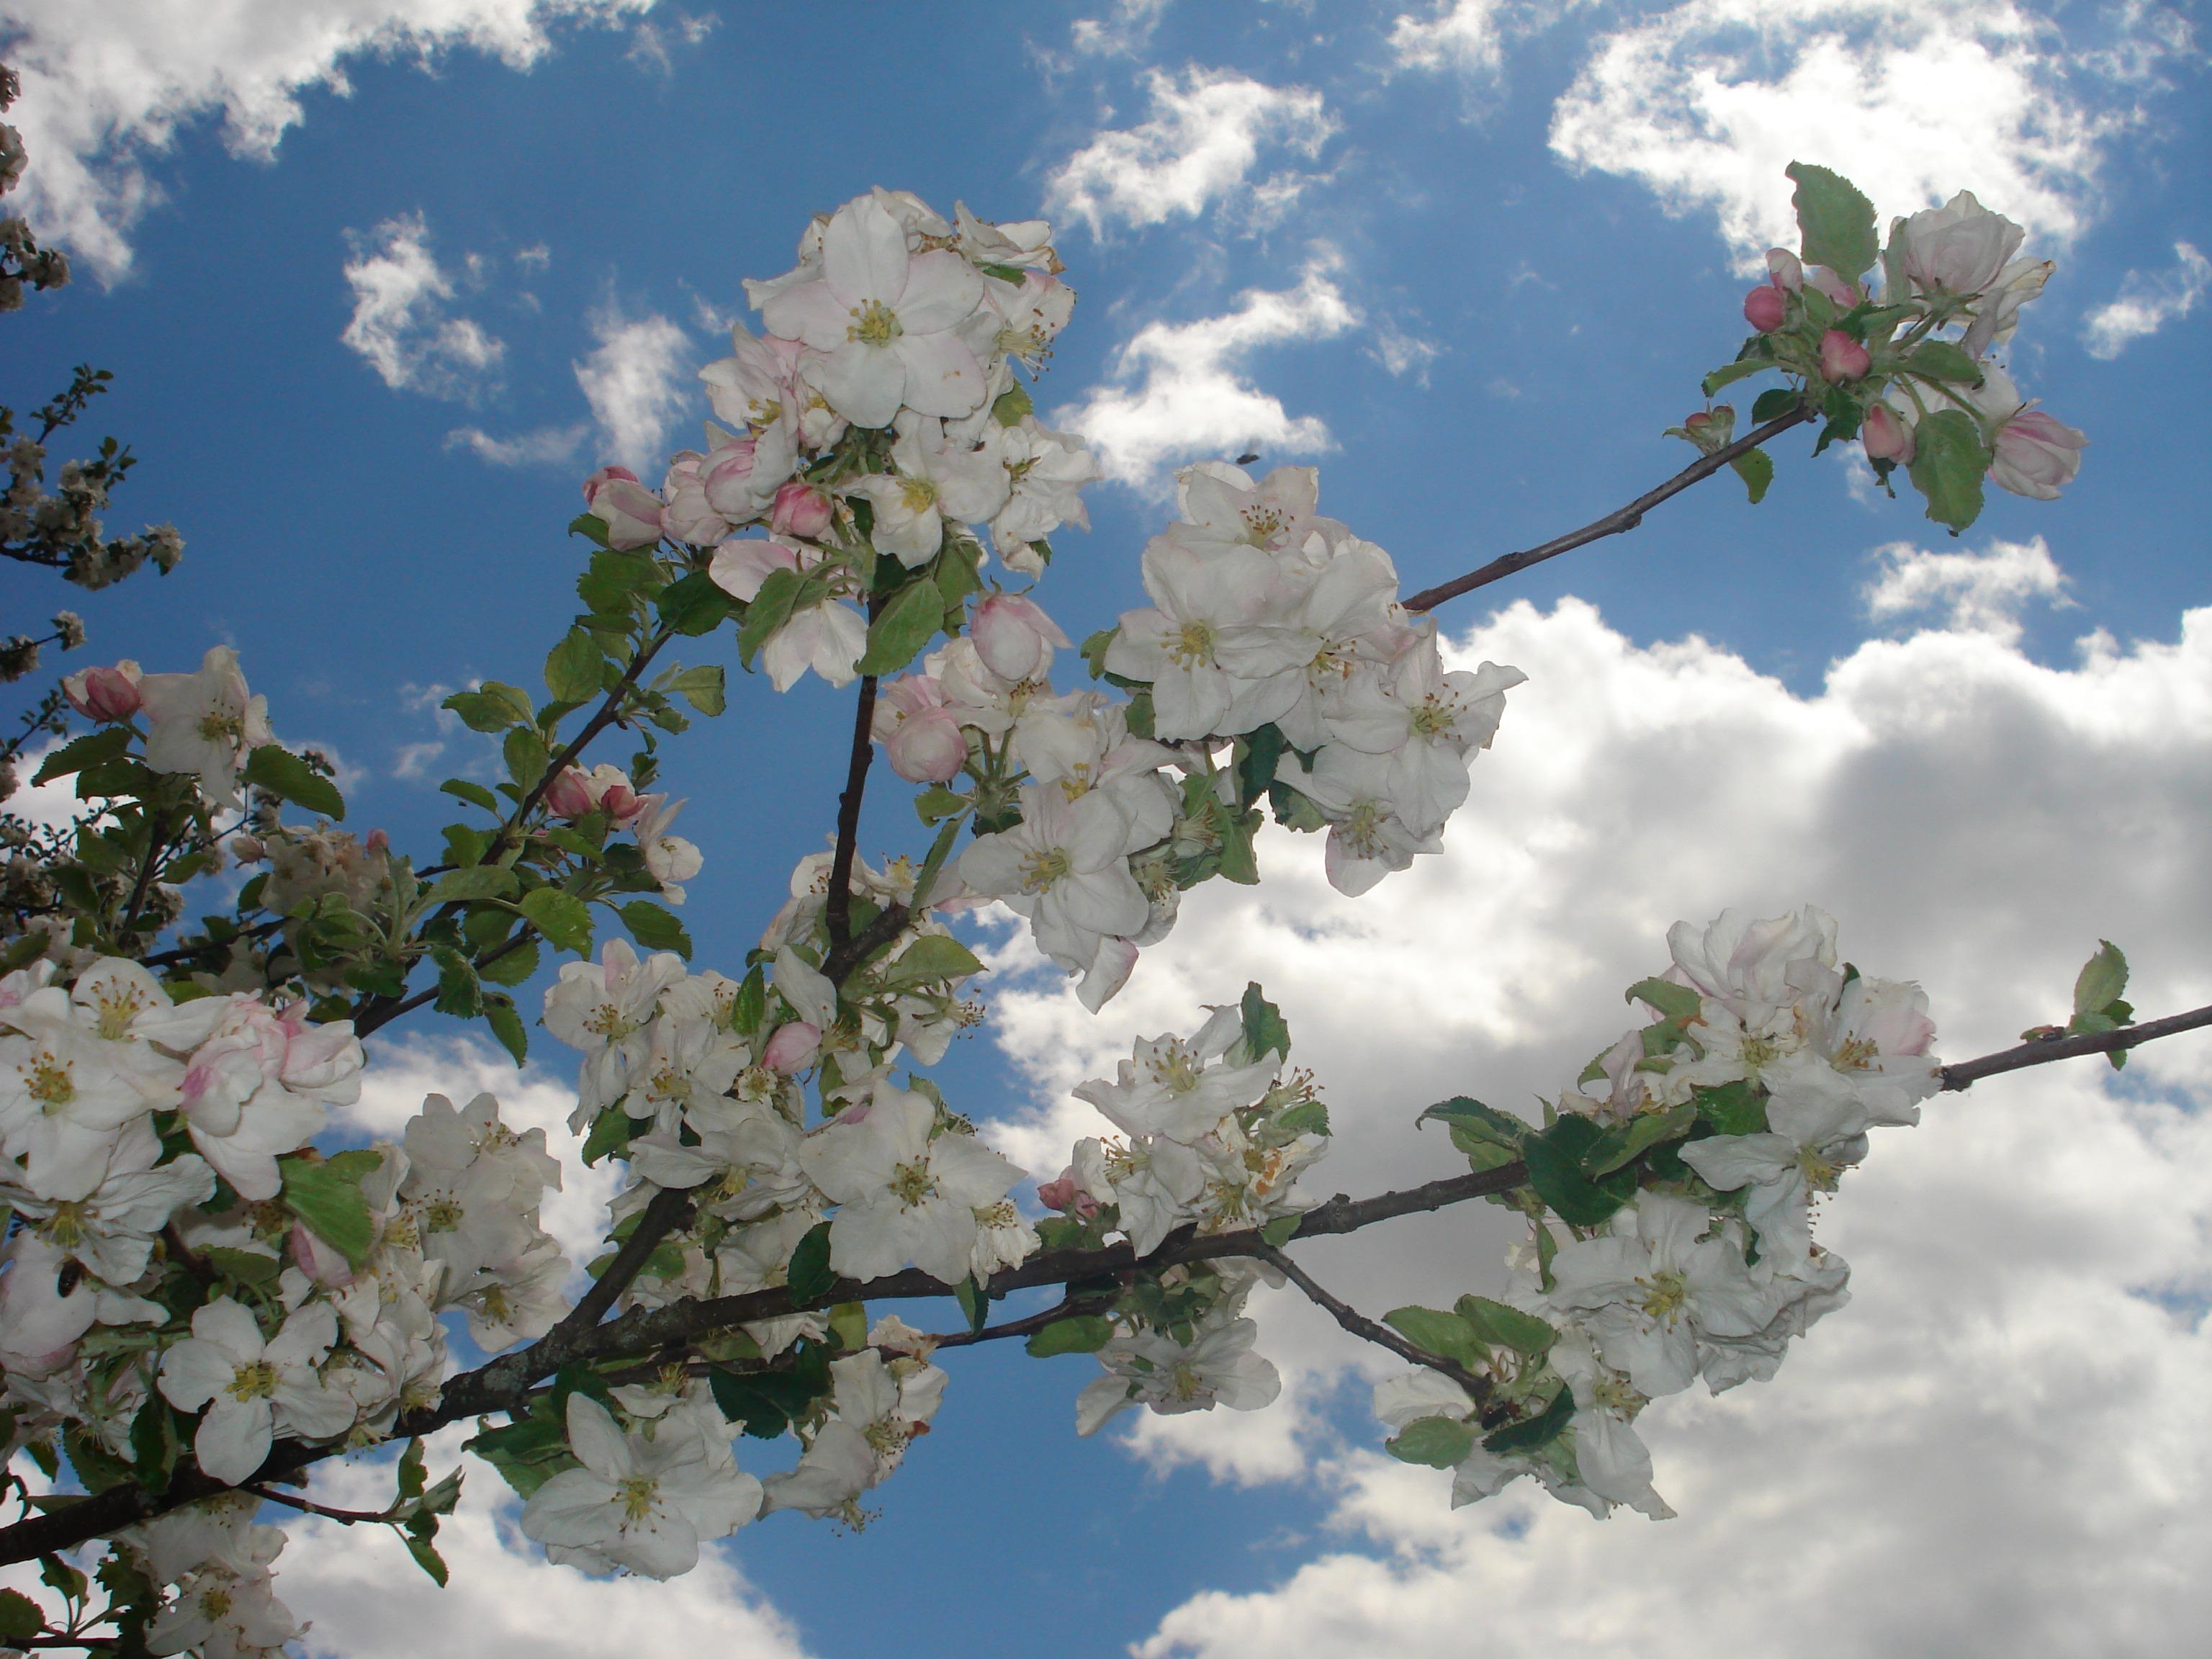 Images Gratuites Arbre Branche Plante Ciel Ensoleillement